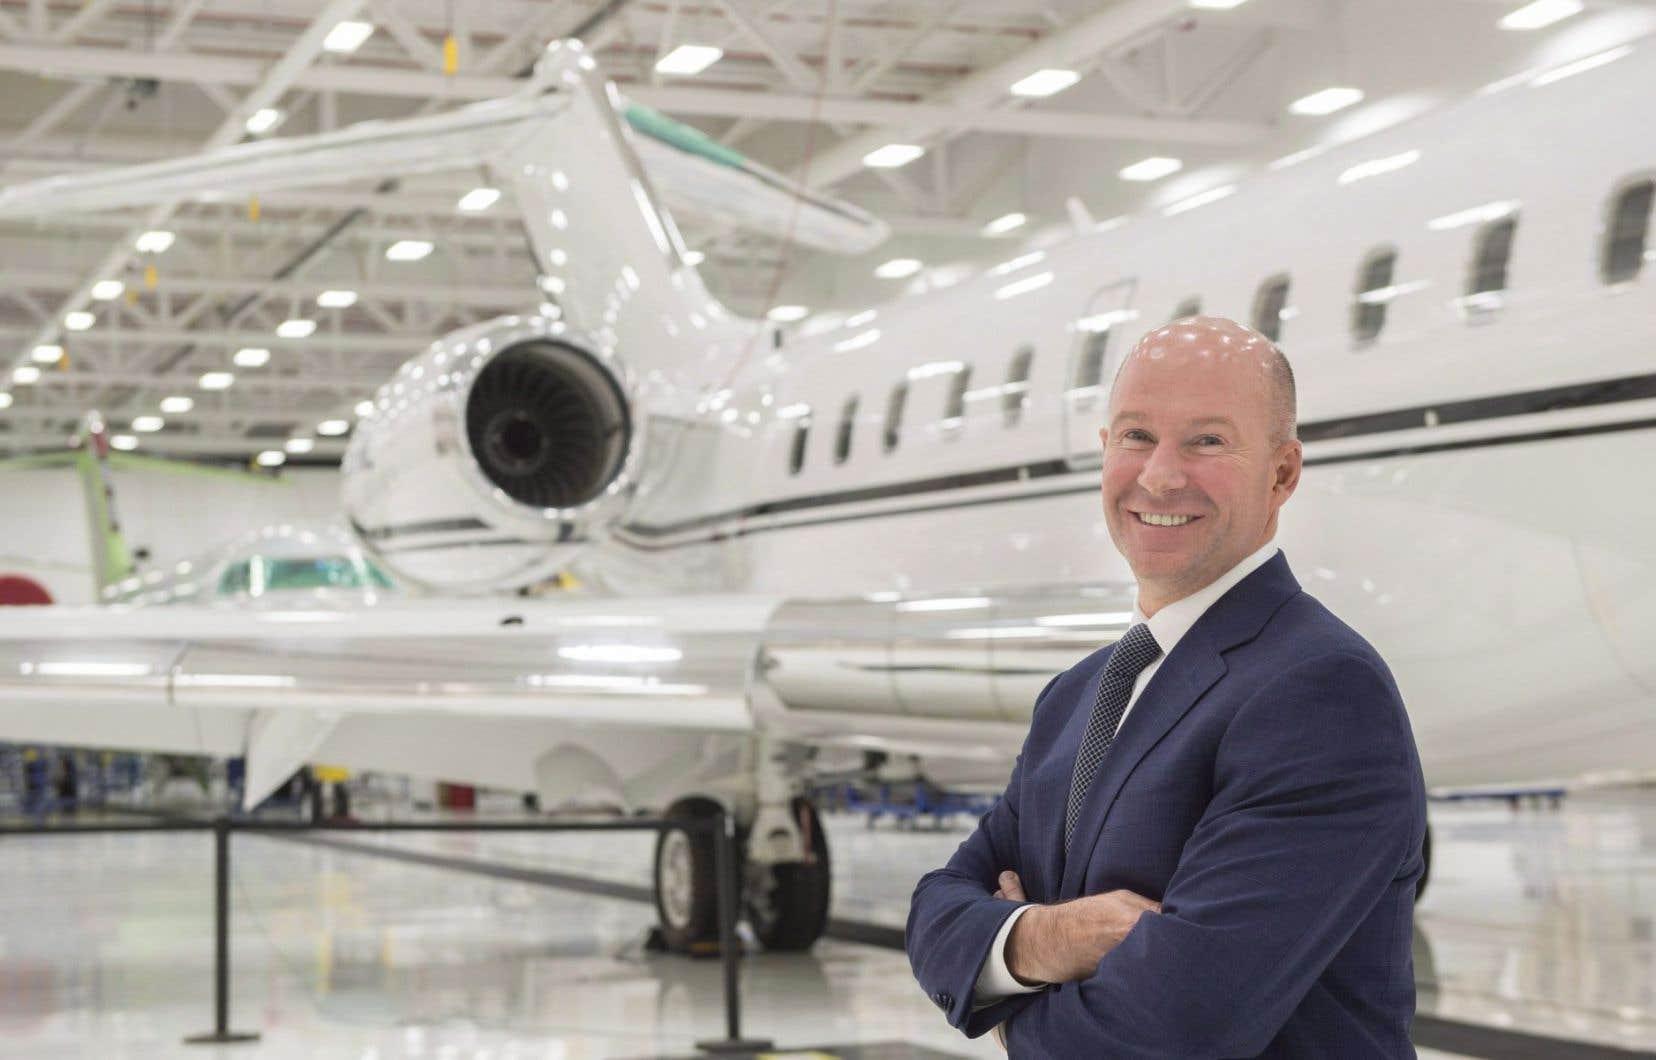 Le président et chef de la direction Bombardier, Alain Bellemare, devant un Global 5000